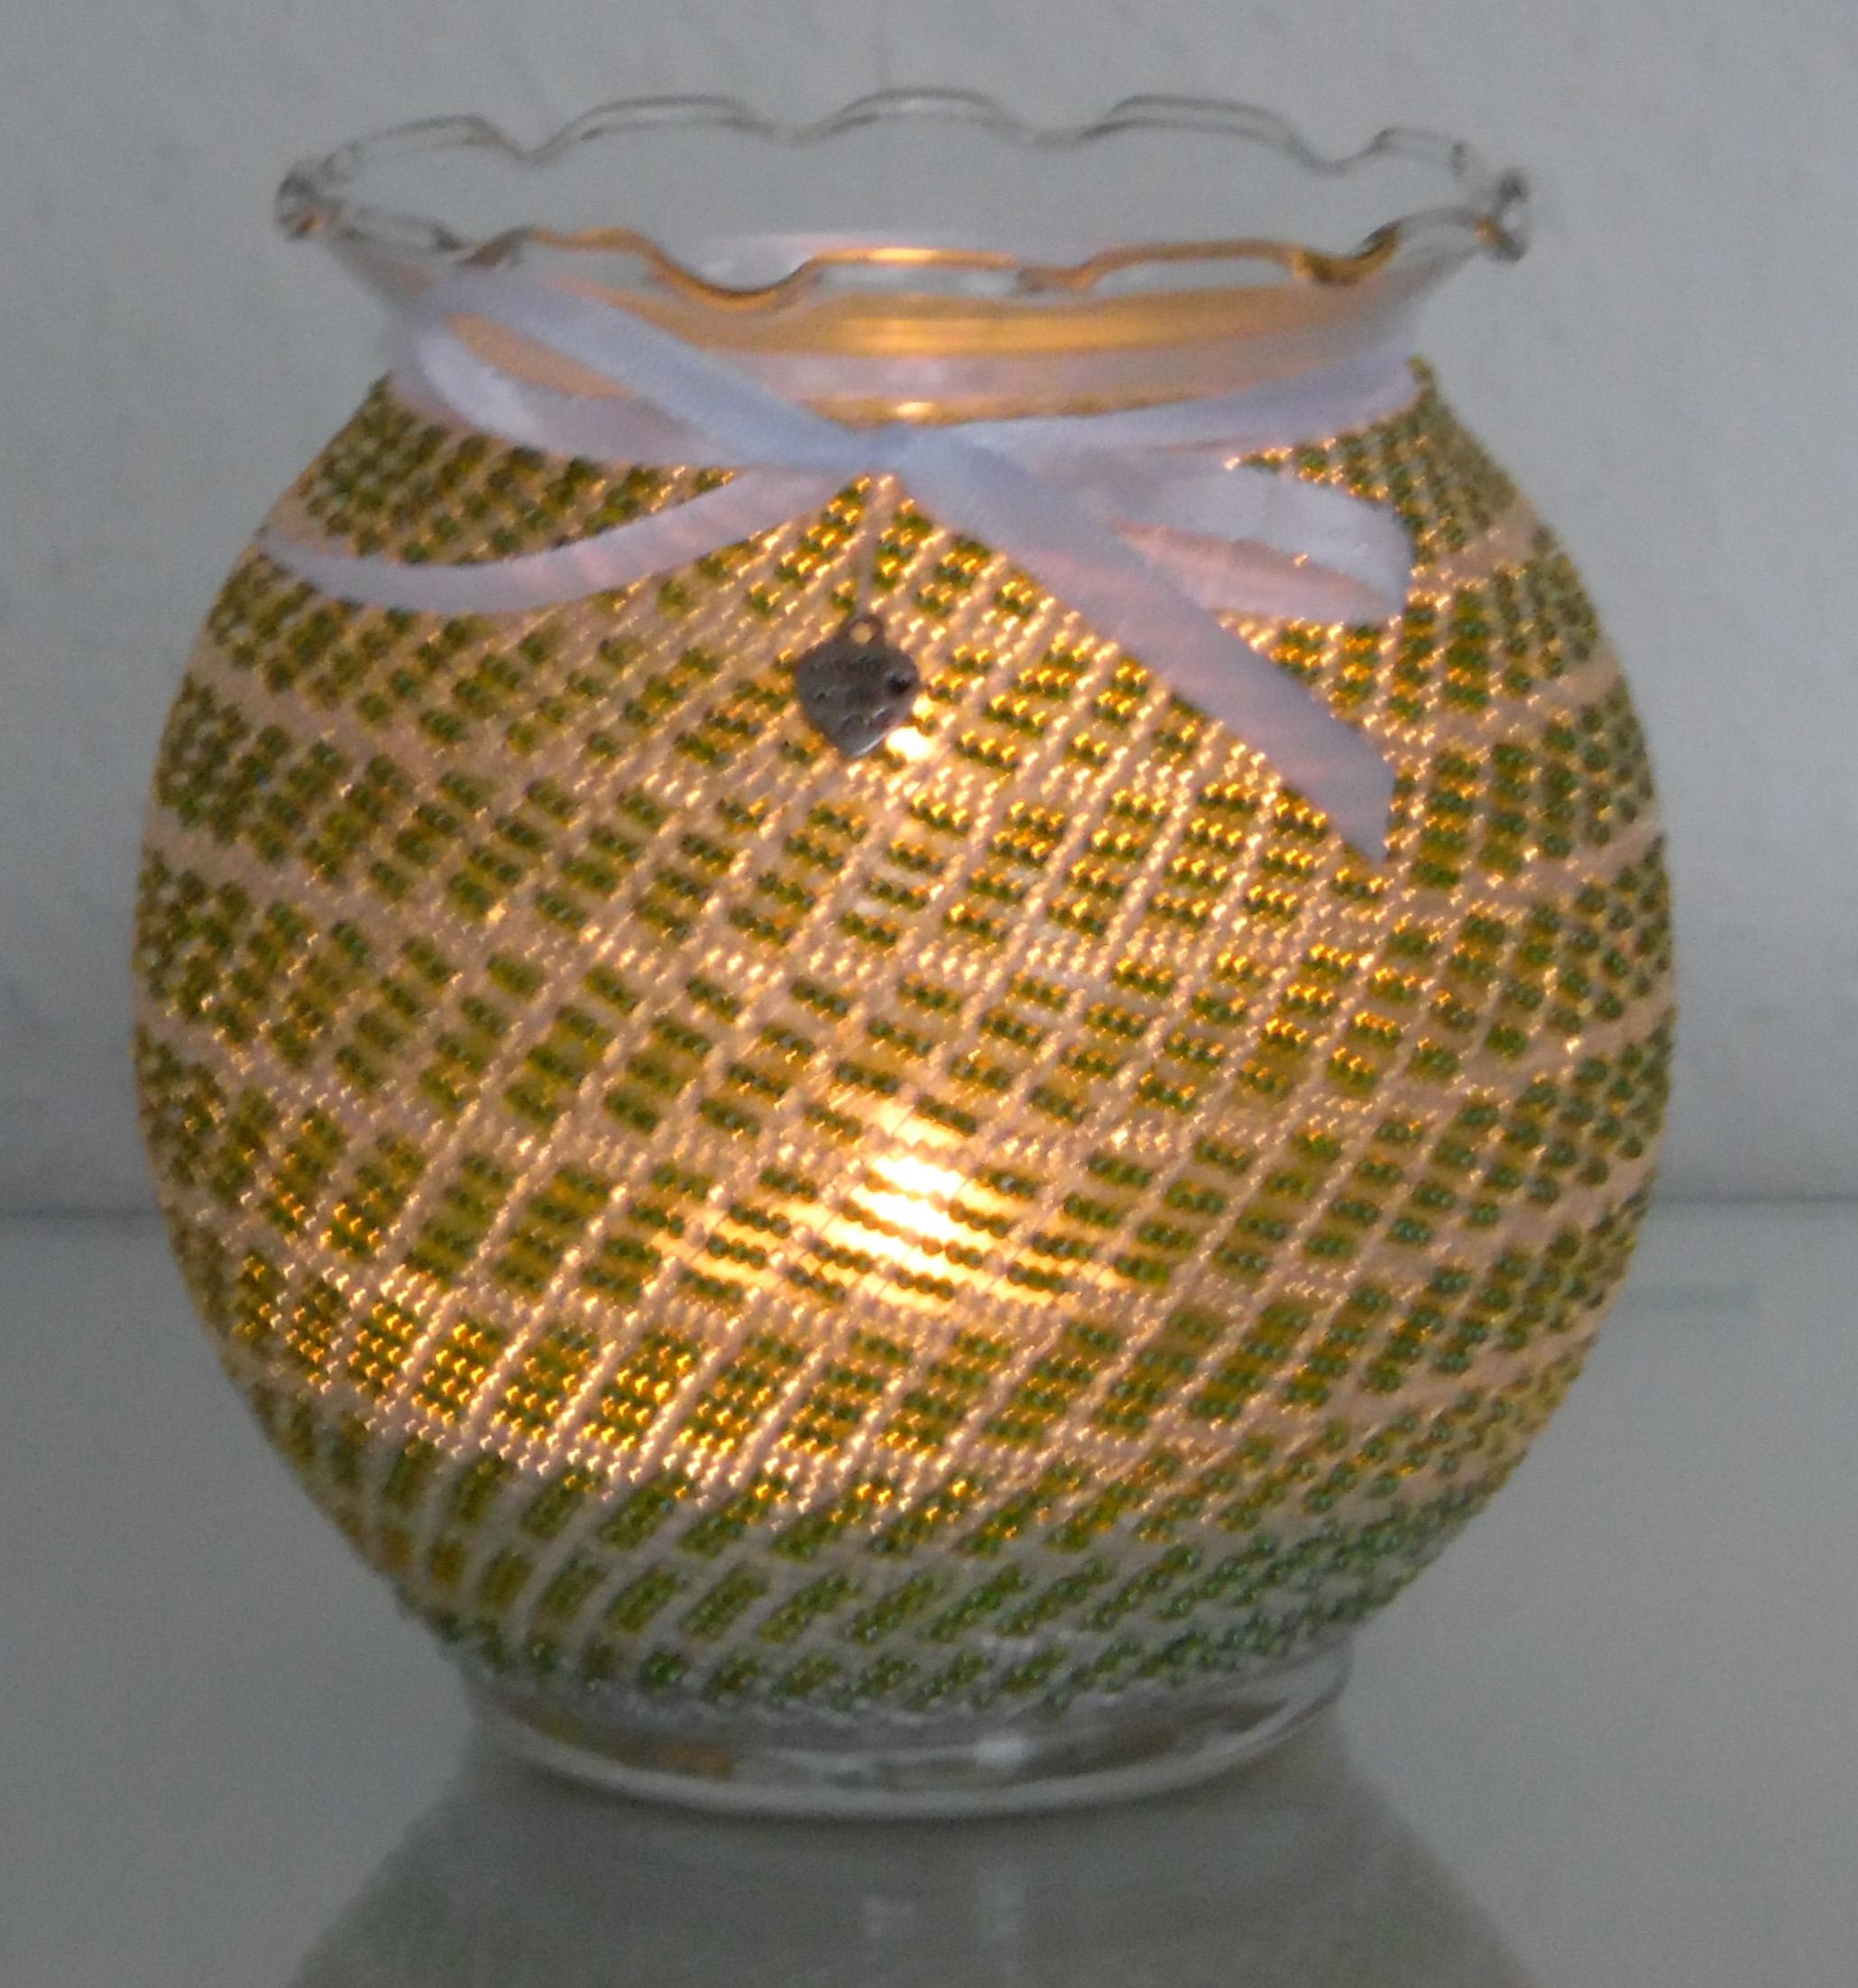 83bccc5f-c20d-0630-67bf-82ac8b44f18e Schöne Kerze Leuchtet In Verschiedenen Farben Dekorationen